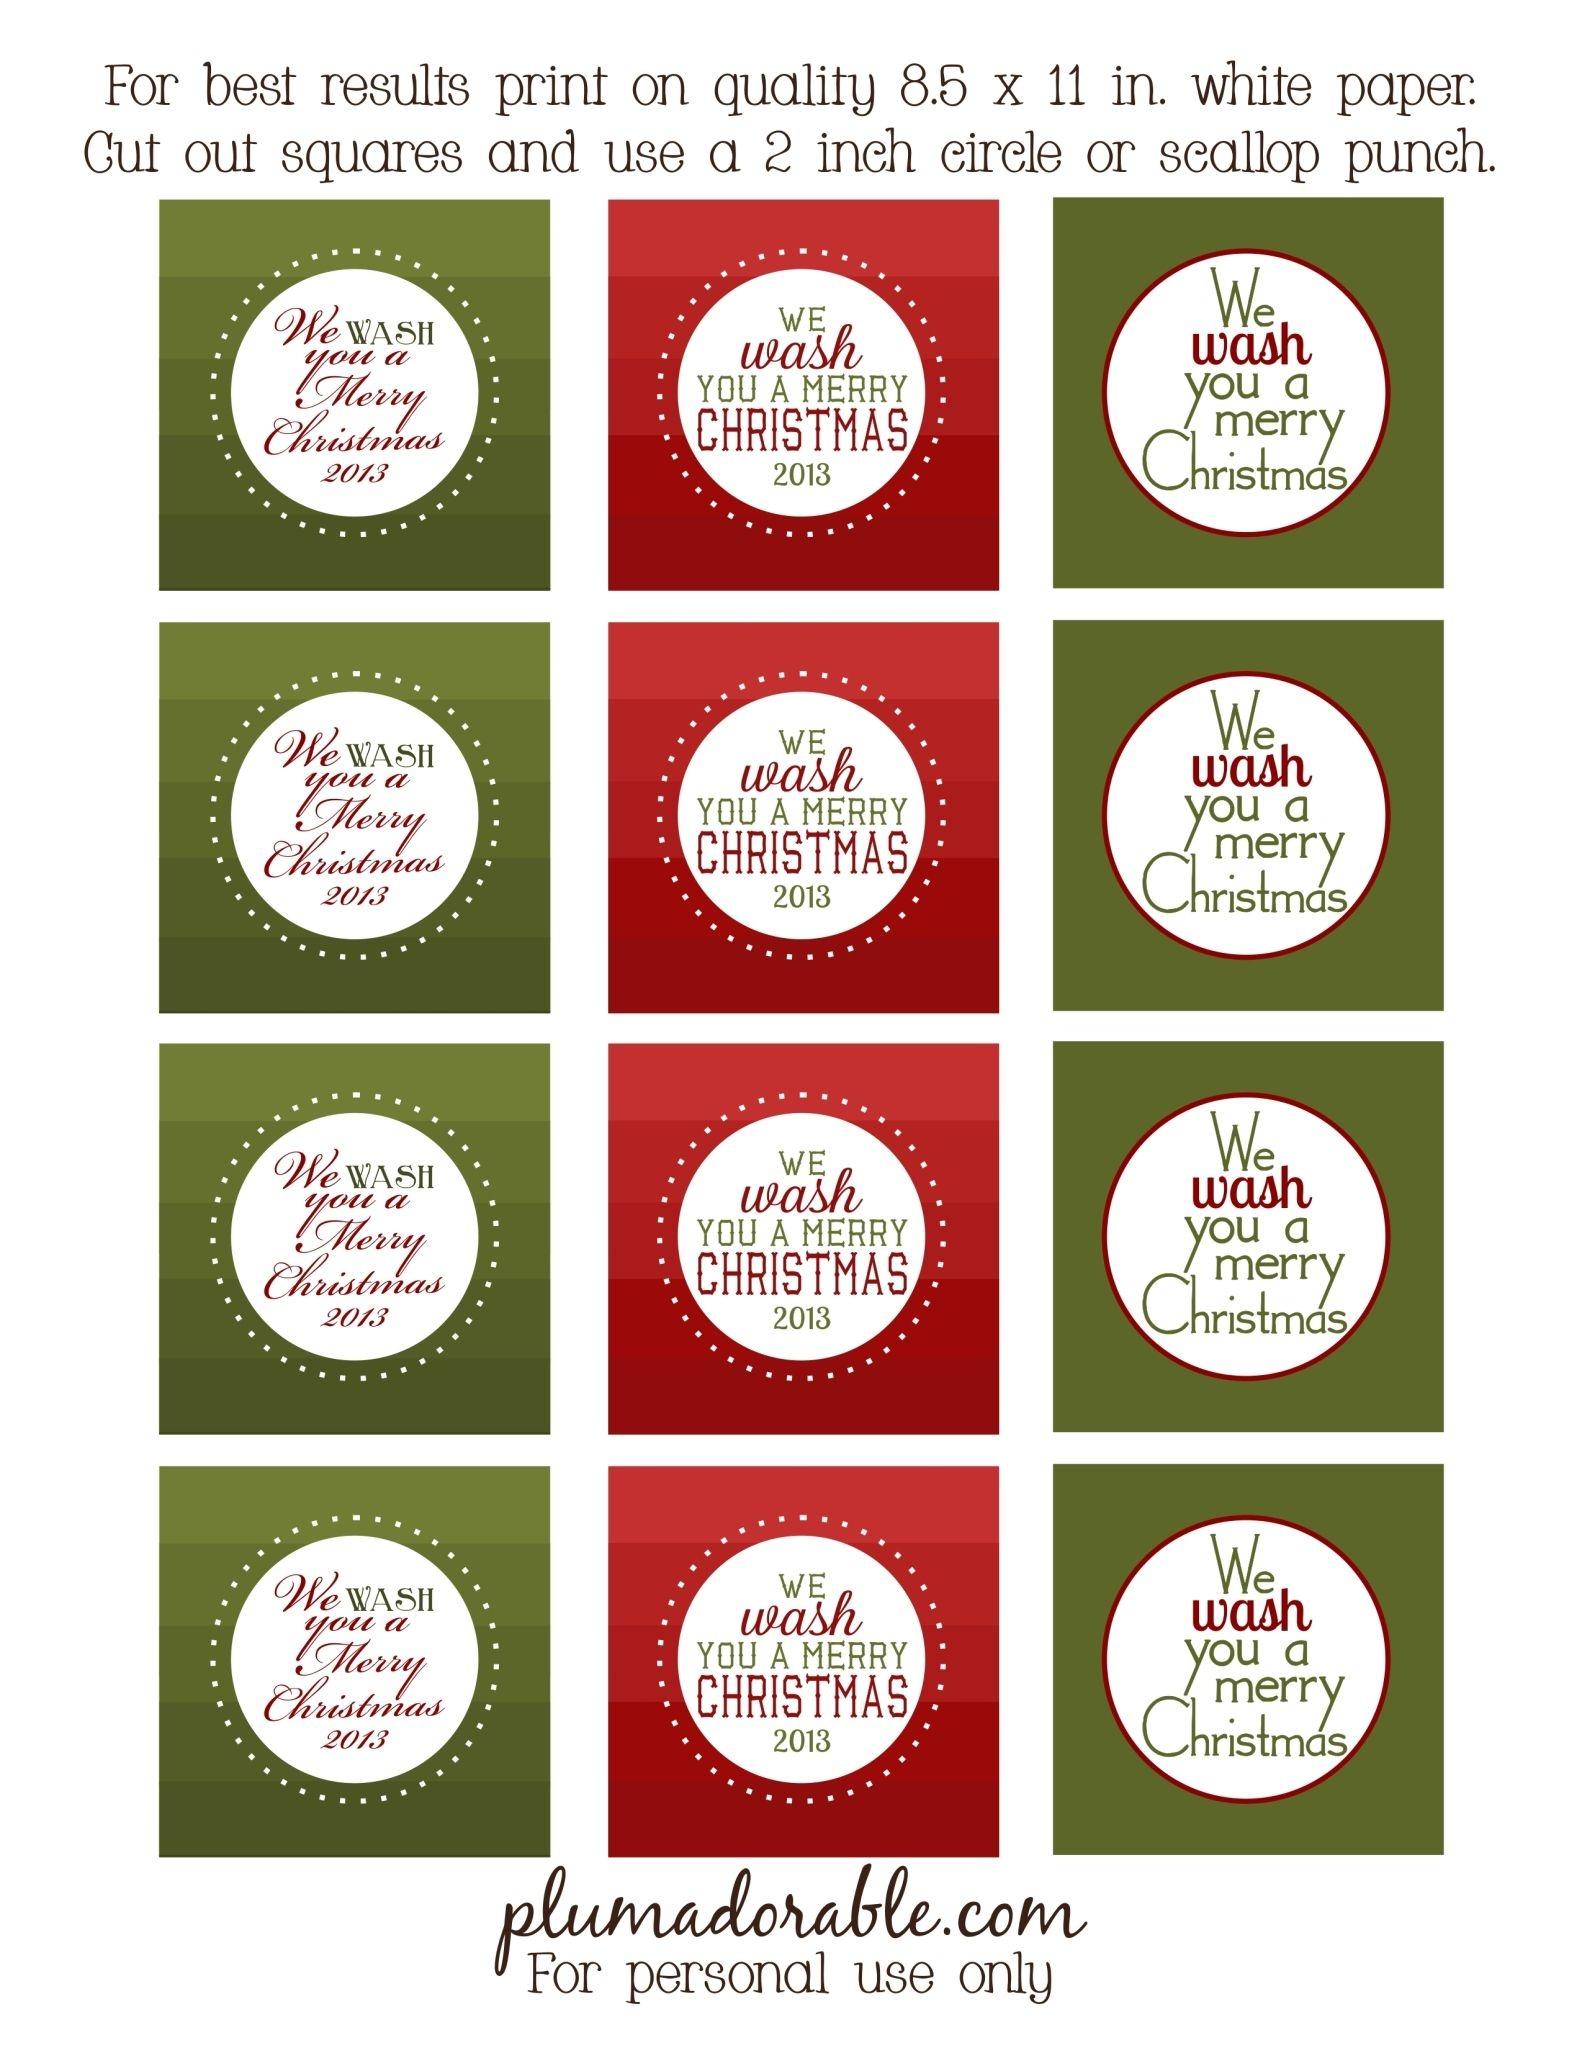 We Wash You A Merry Christmas - Free Printable Tags | Teacher Gift - We Wash You A Merry Christmas Free Printable